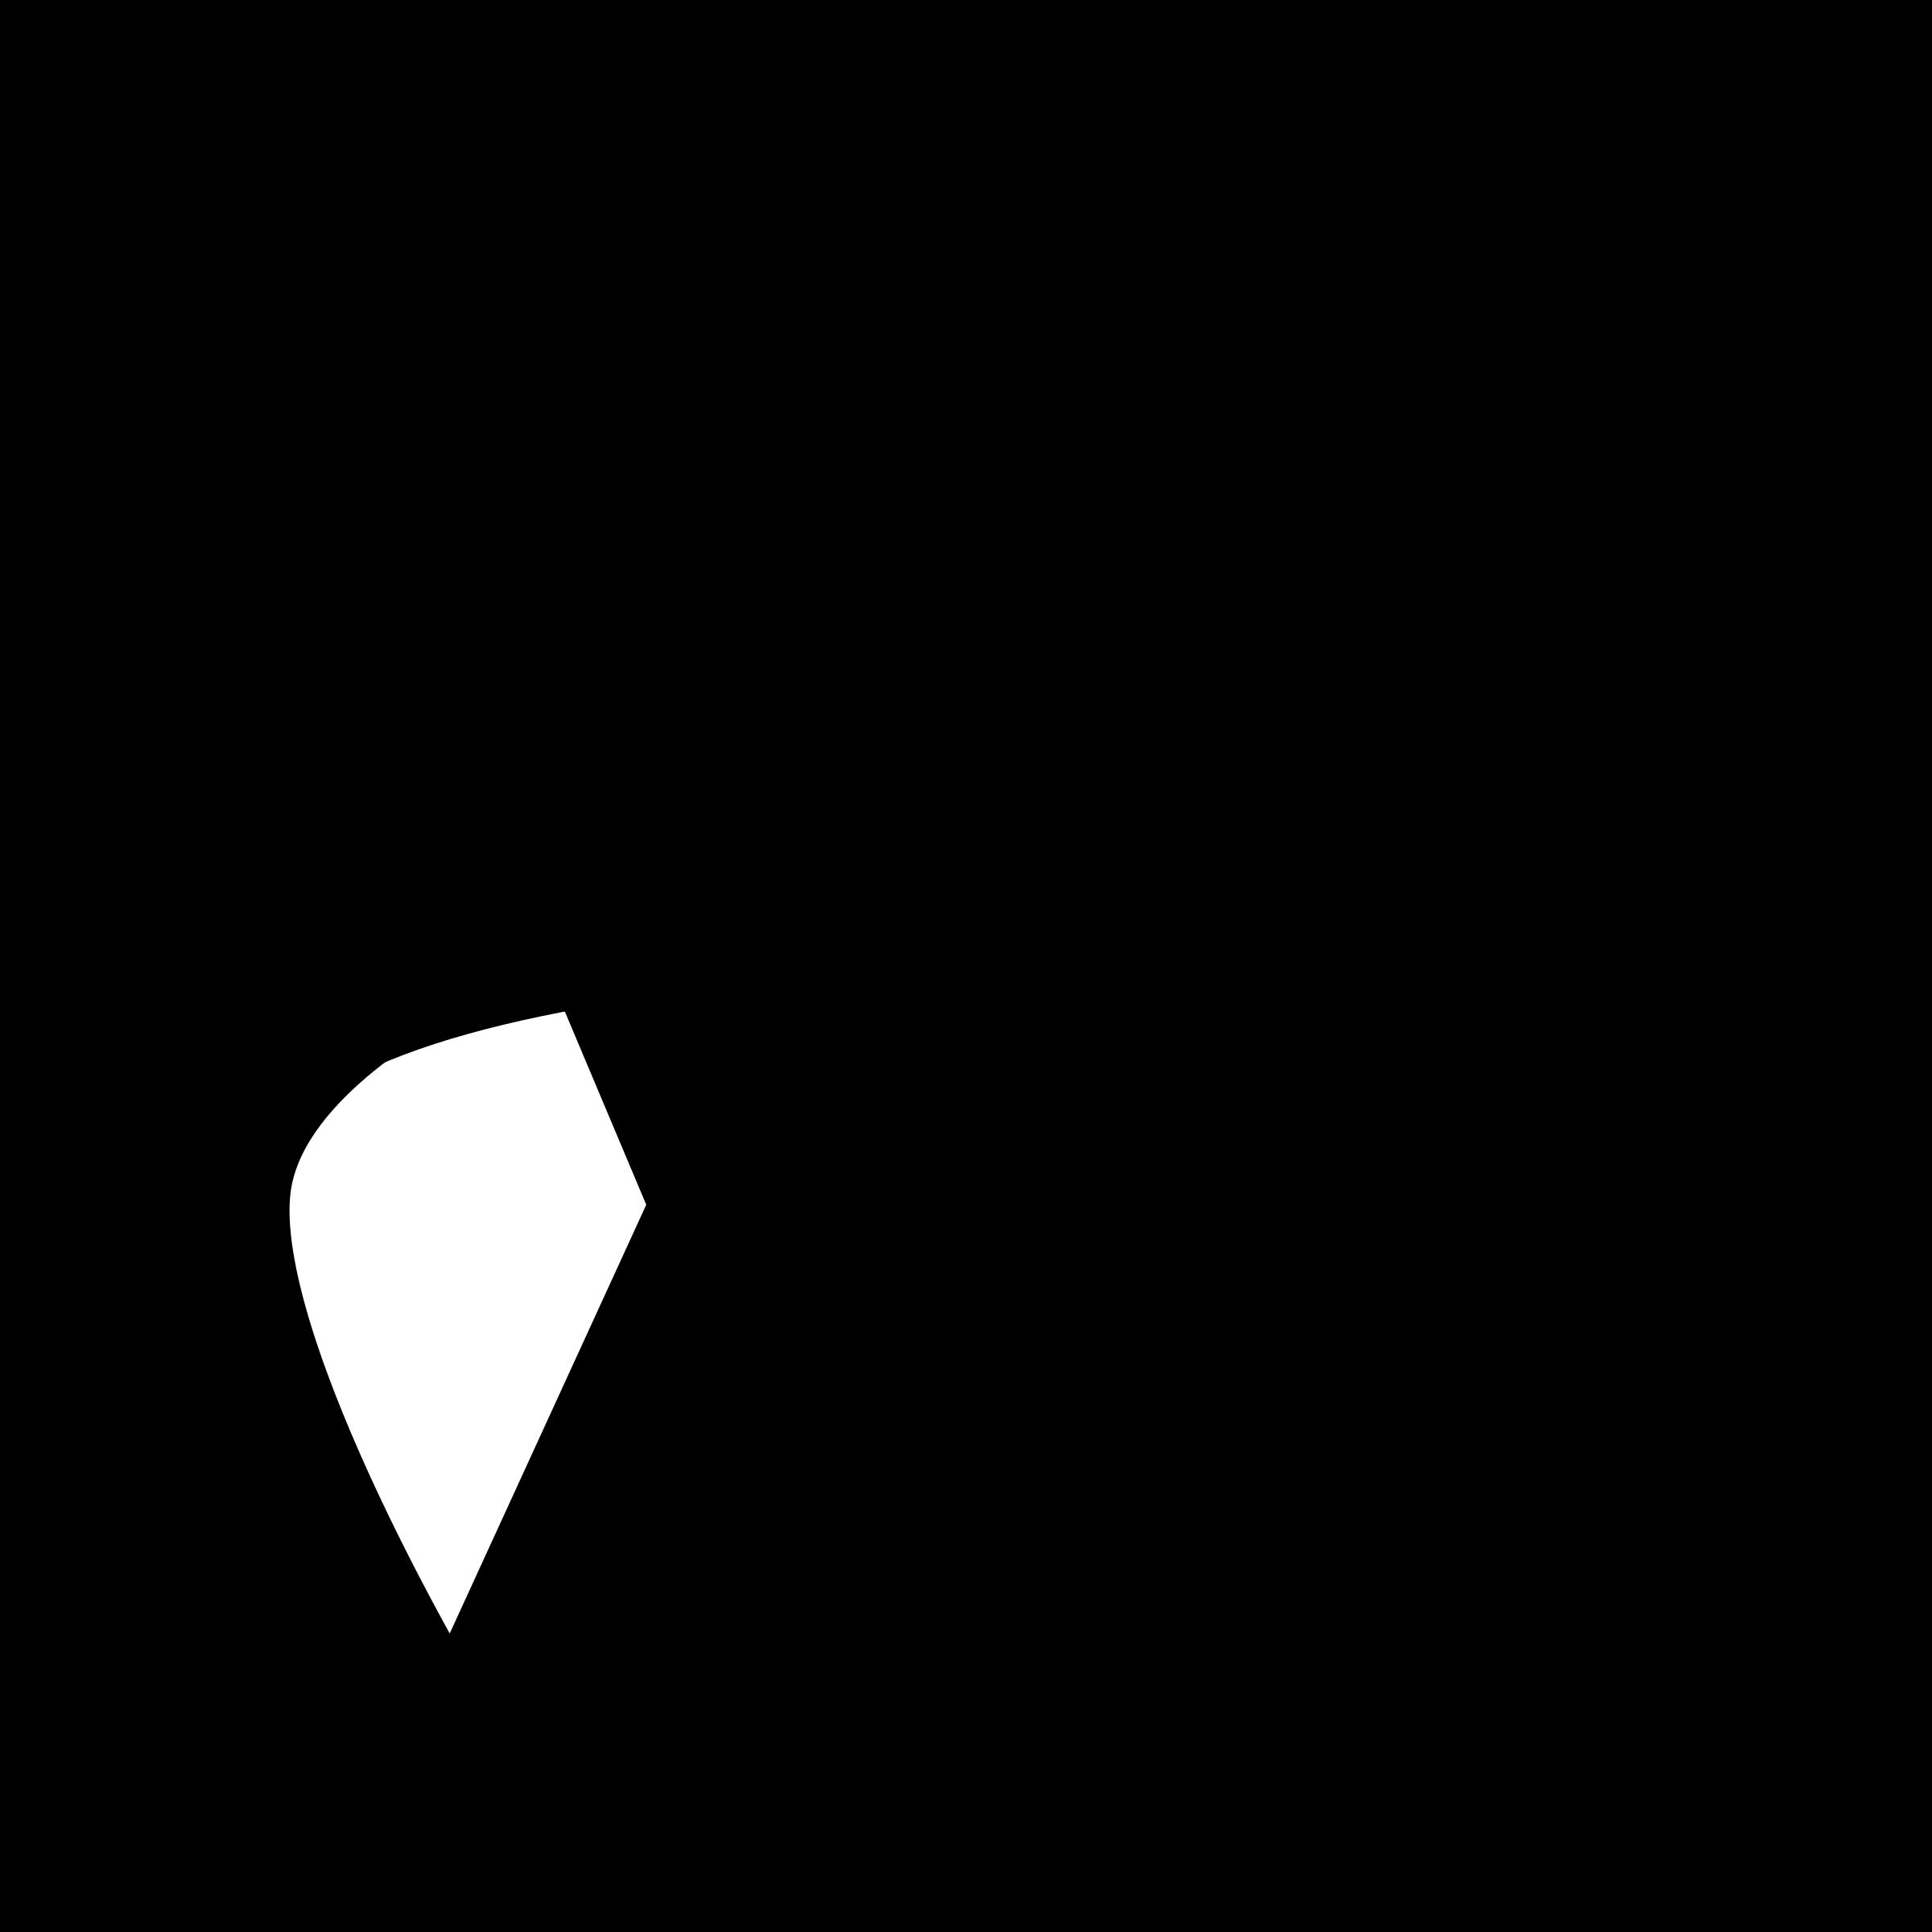 Main droite clipart clip transparent Clipart - flèche clip transparent